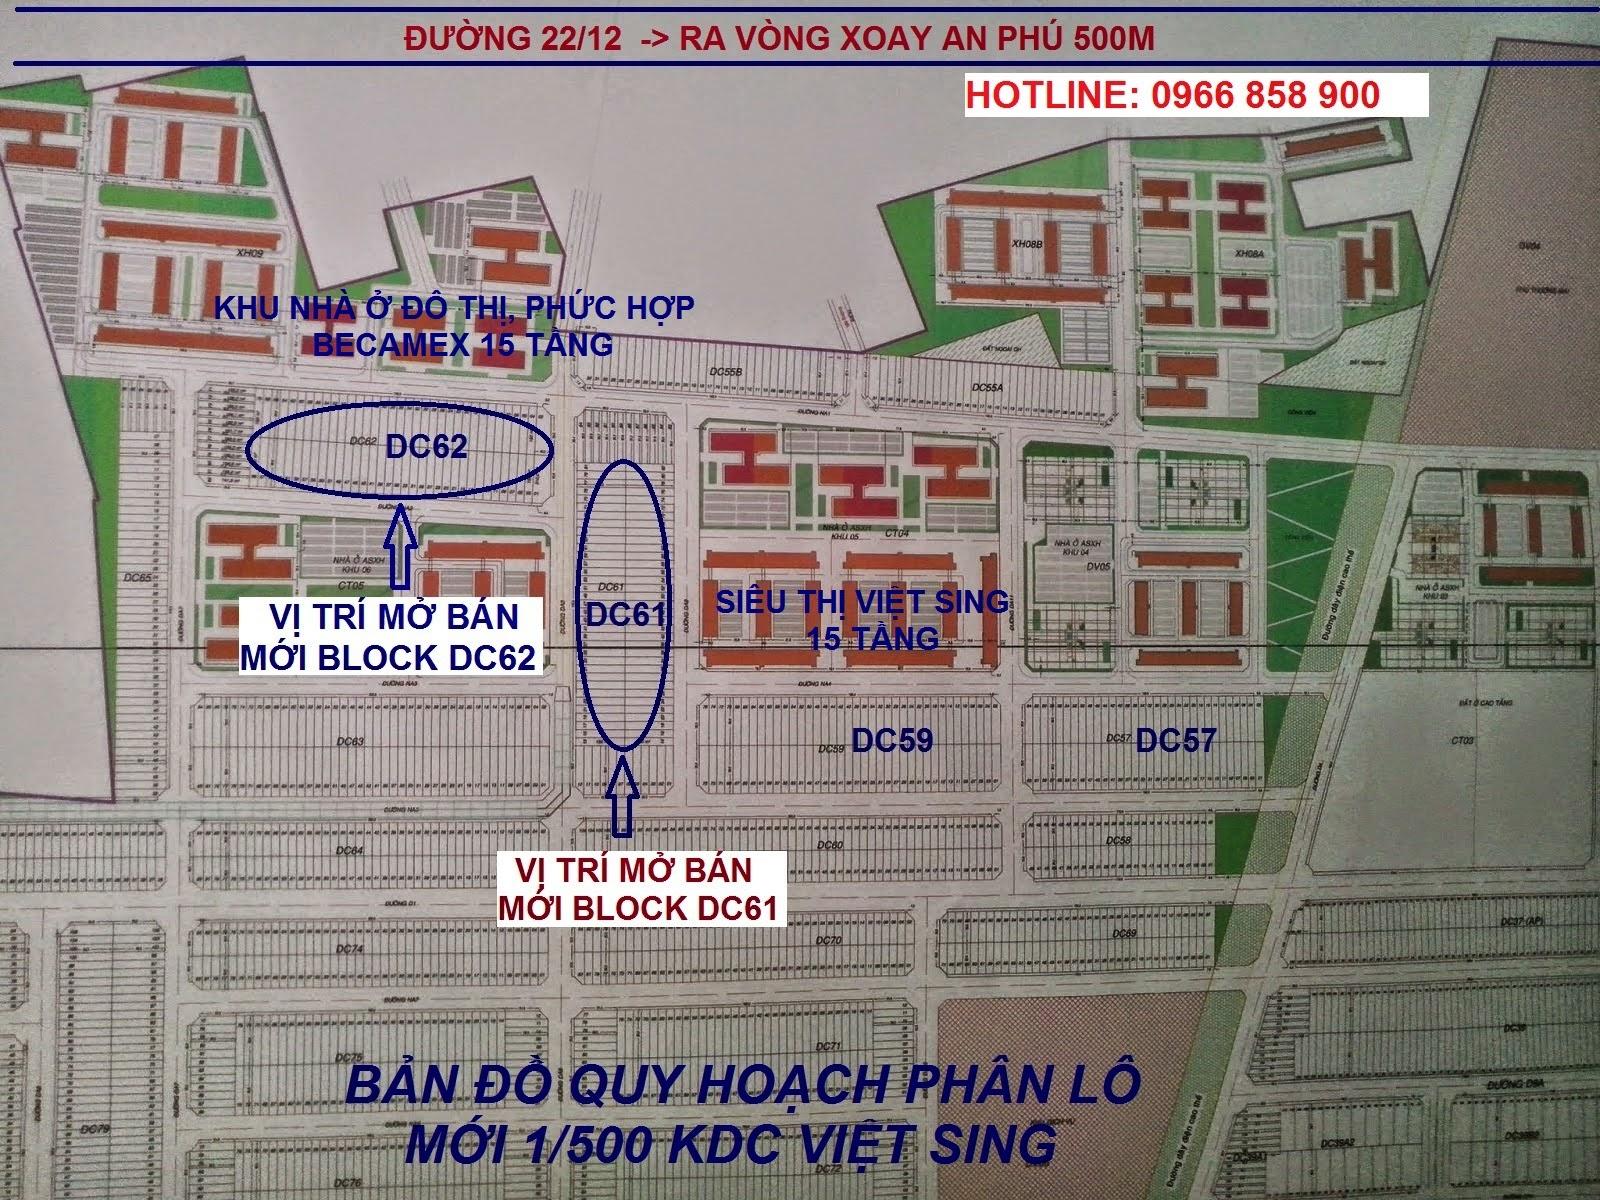 Bán đất nền Việt Sing, VSIP 1 Bình Dương ảnh 2